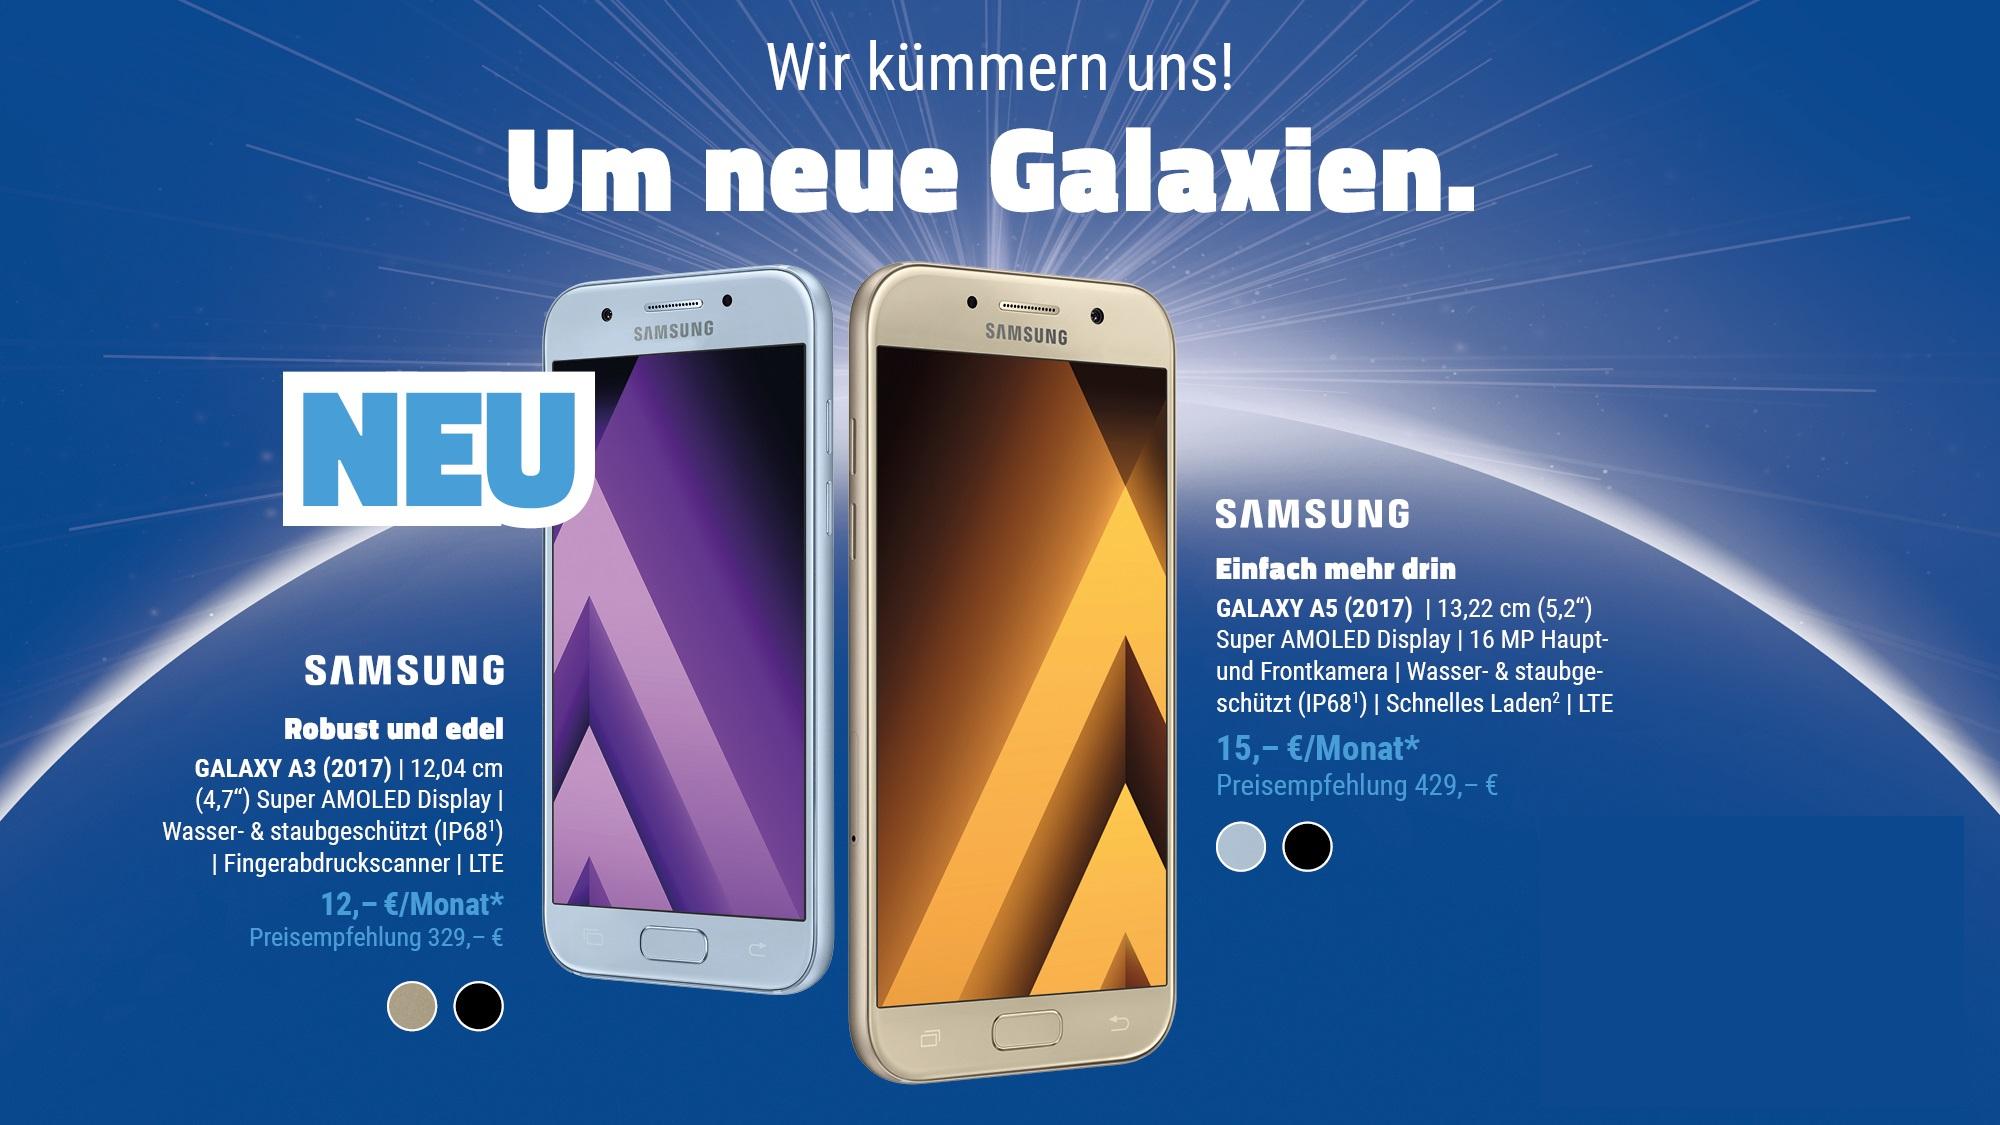 Galaxy A3 und A5 (2017) zum Hammerpreis